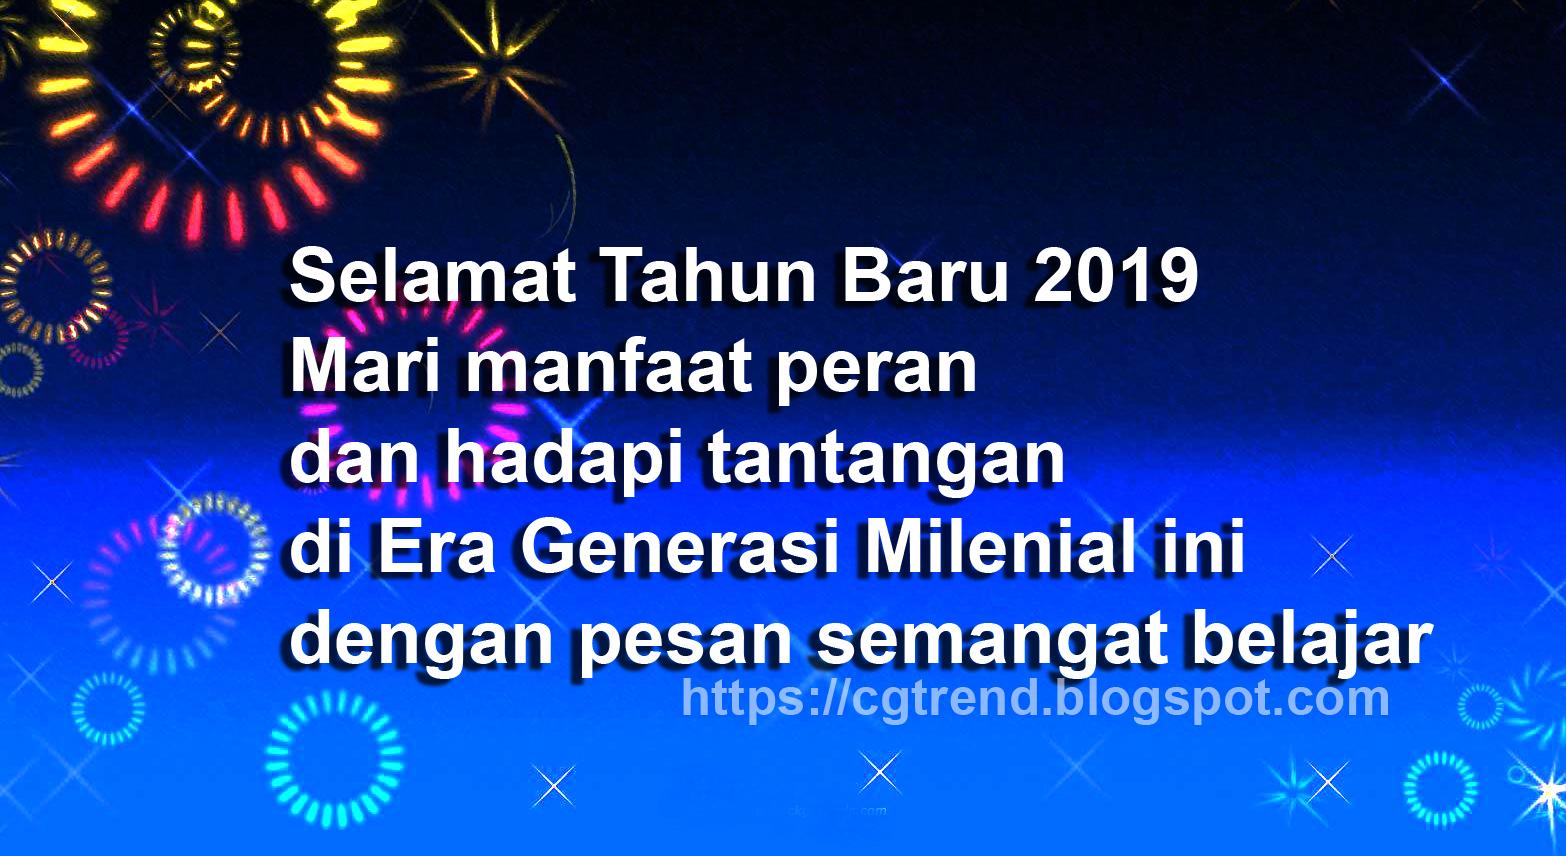 Kumpulan Quotes Ucapan Tahun Baru Untuk Kata Selamat